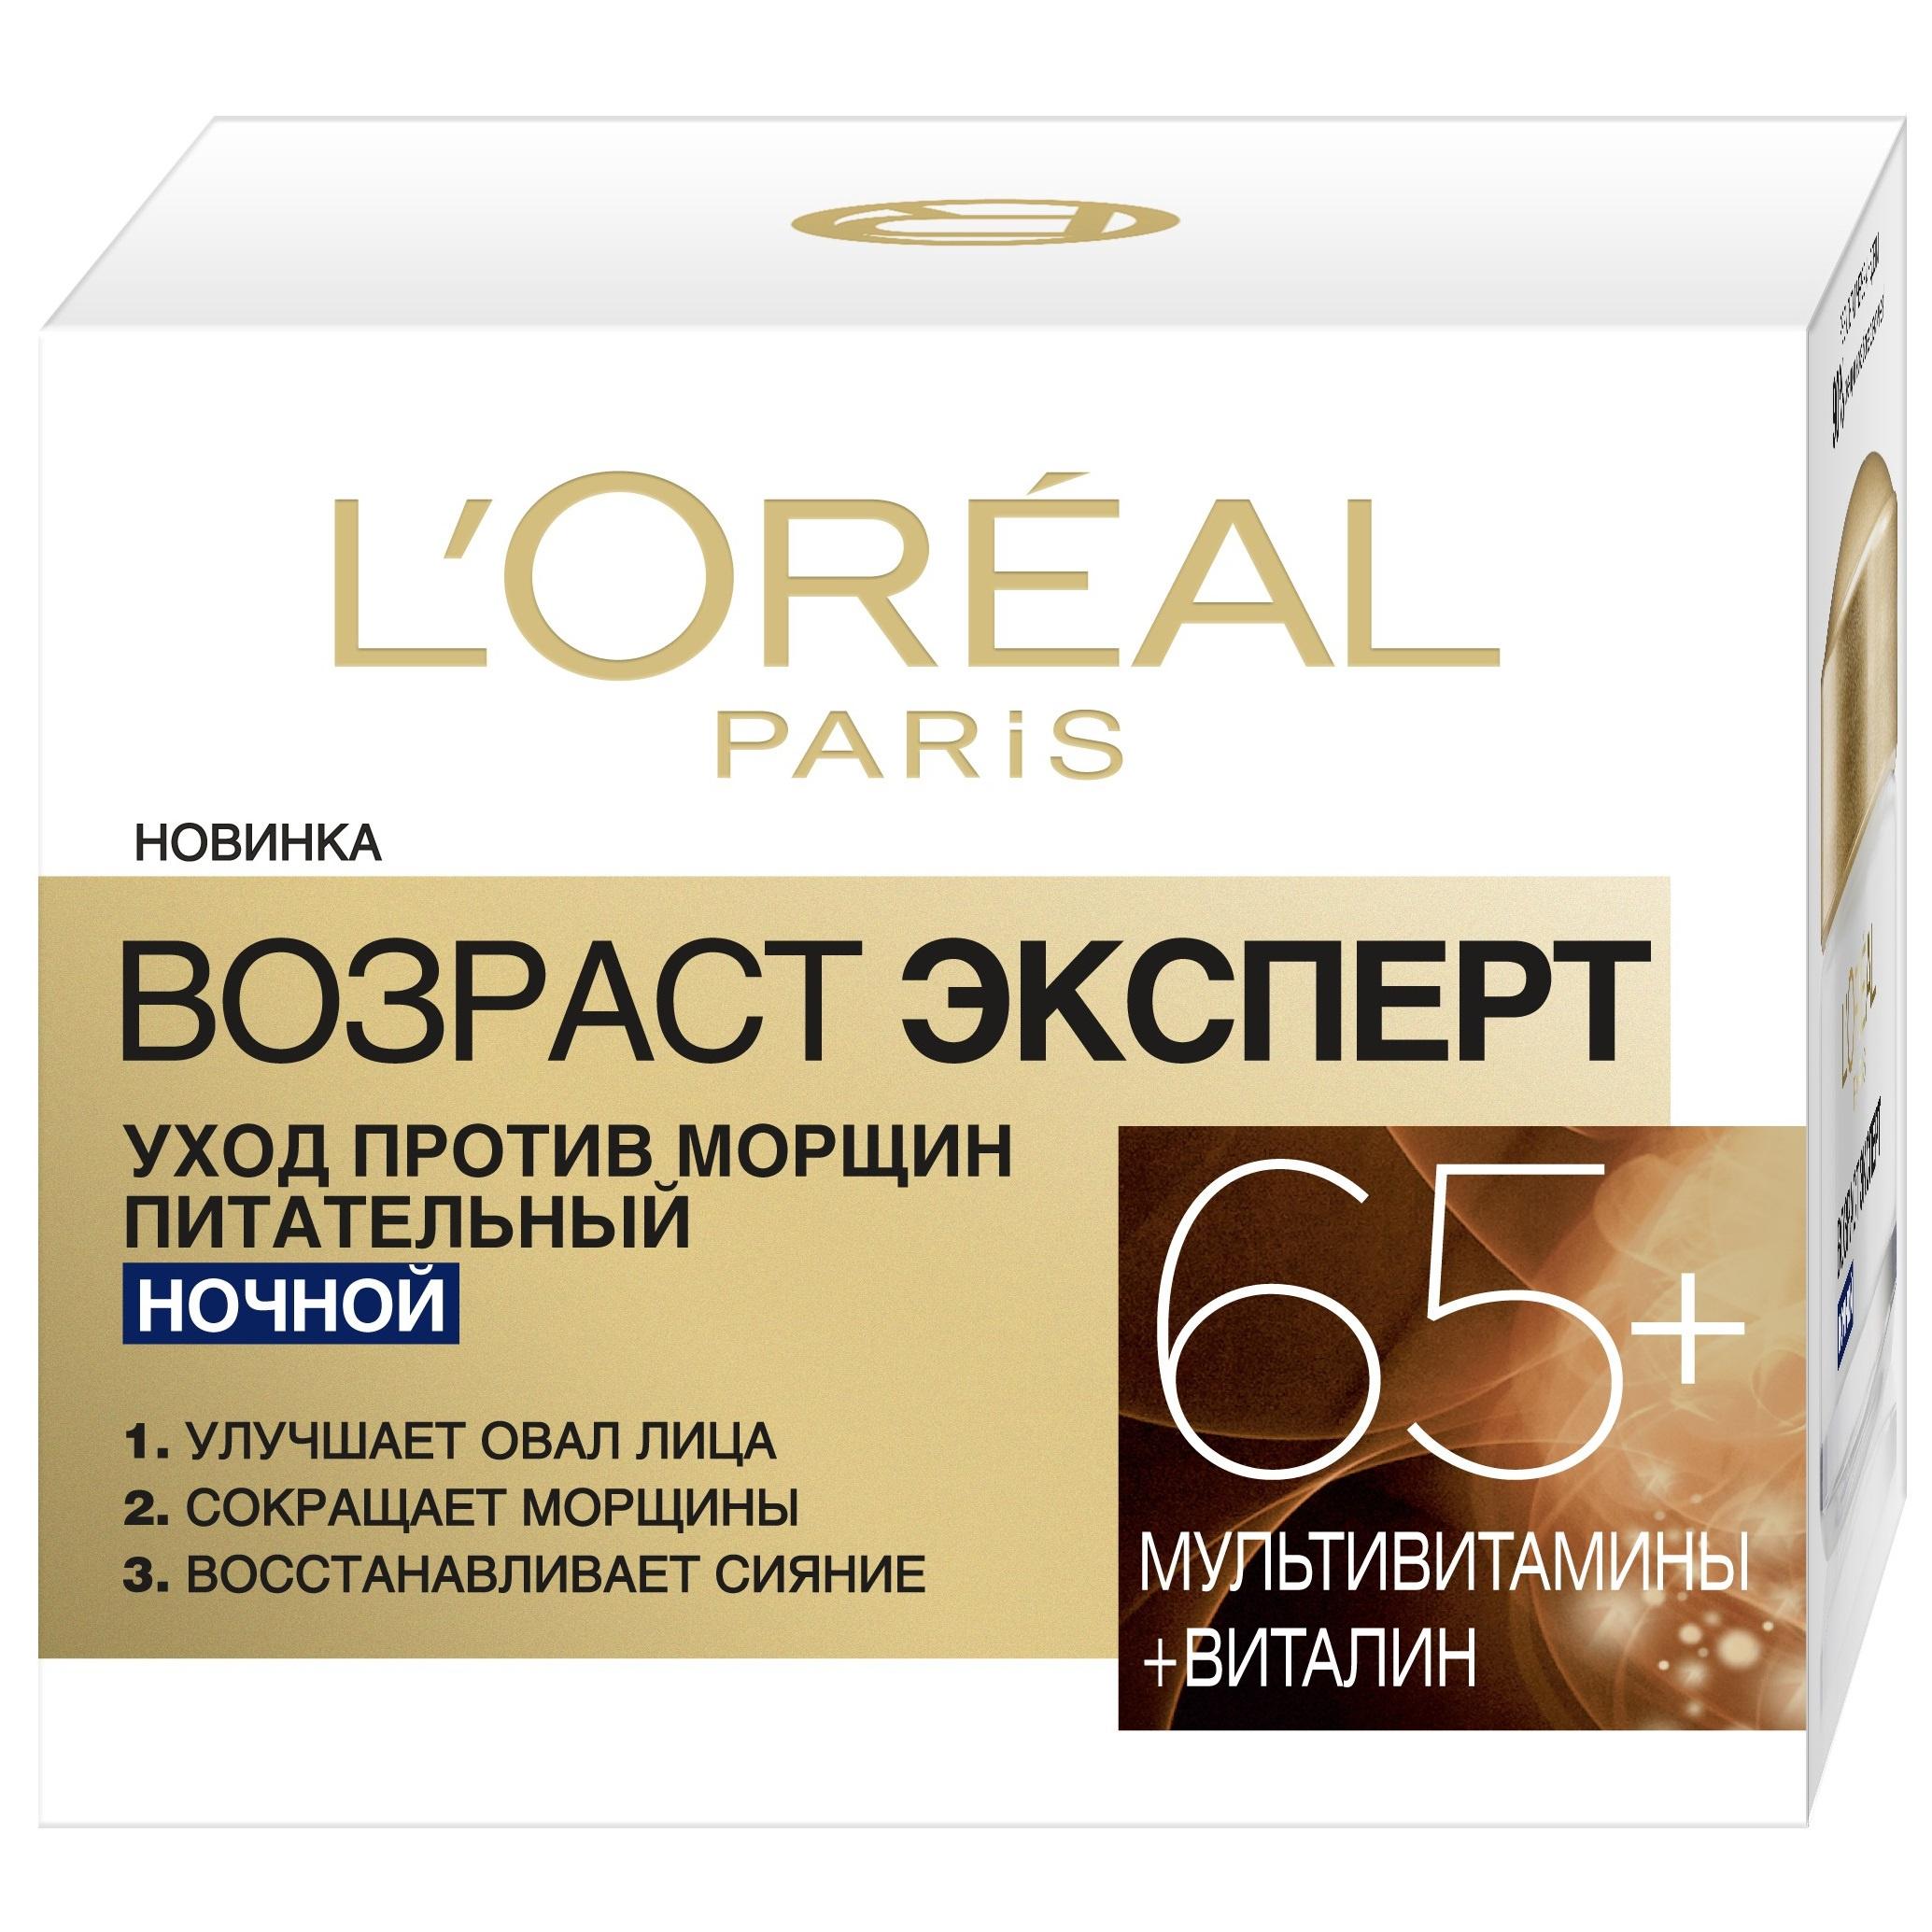 Купить Ночной крем L`Oreal Paris Возраст Эксперт 65+ против морщин, питательный, 50 мл, возраст Эксперт 65+ 50 мл, L'Oreal Paris